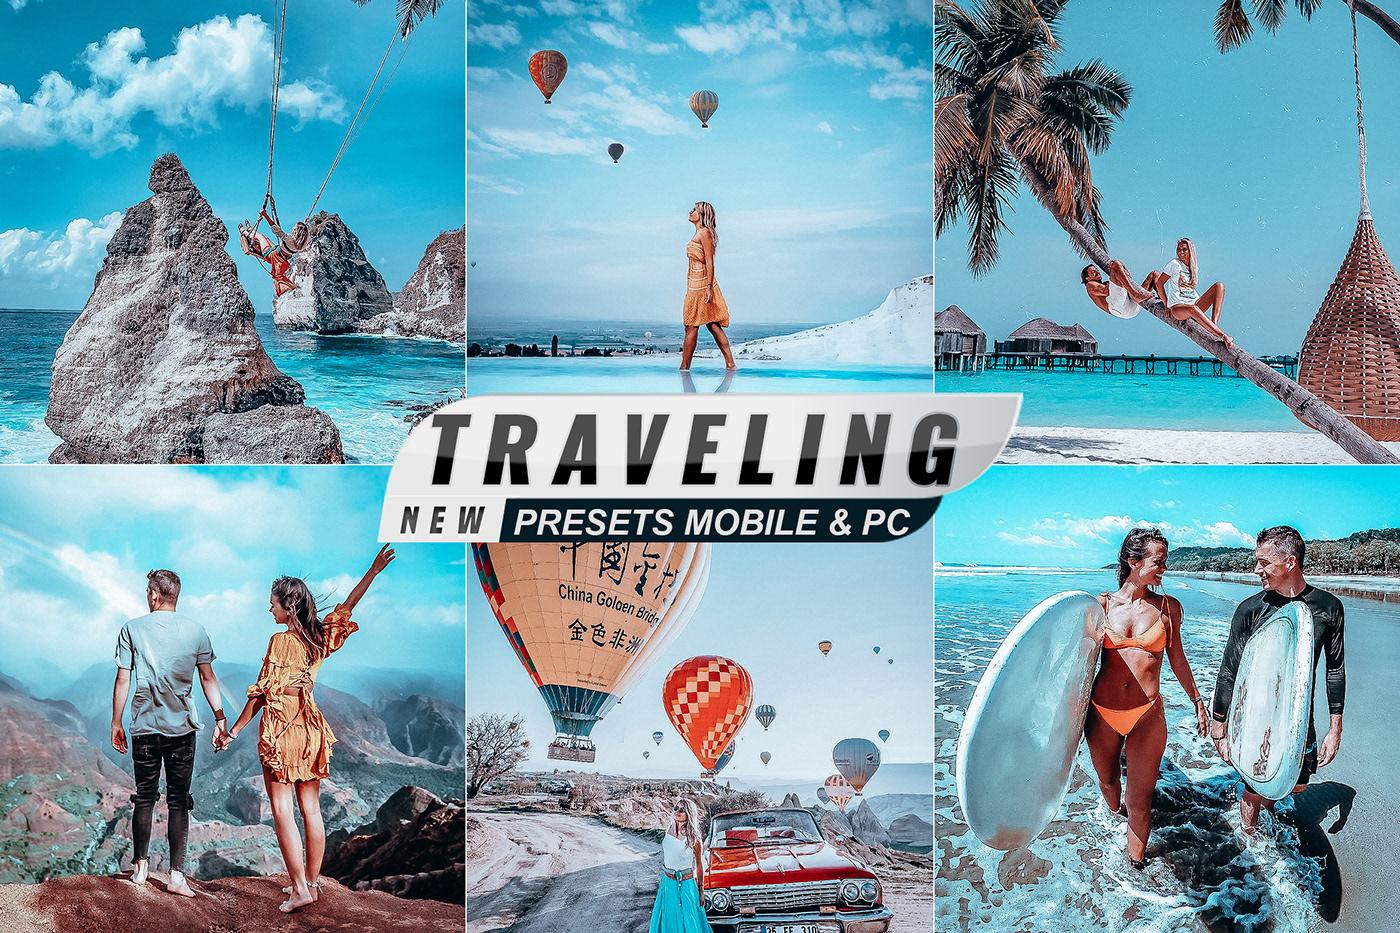 action blogger filter Lak lightroom ocen Photography  preset travling traveling trip